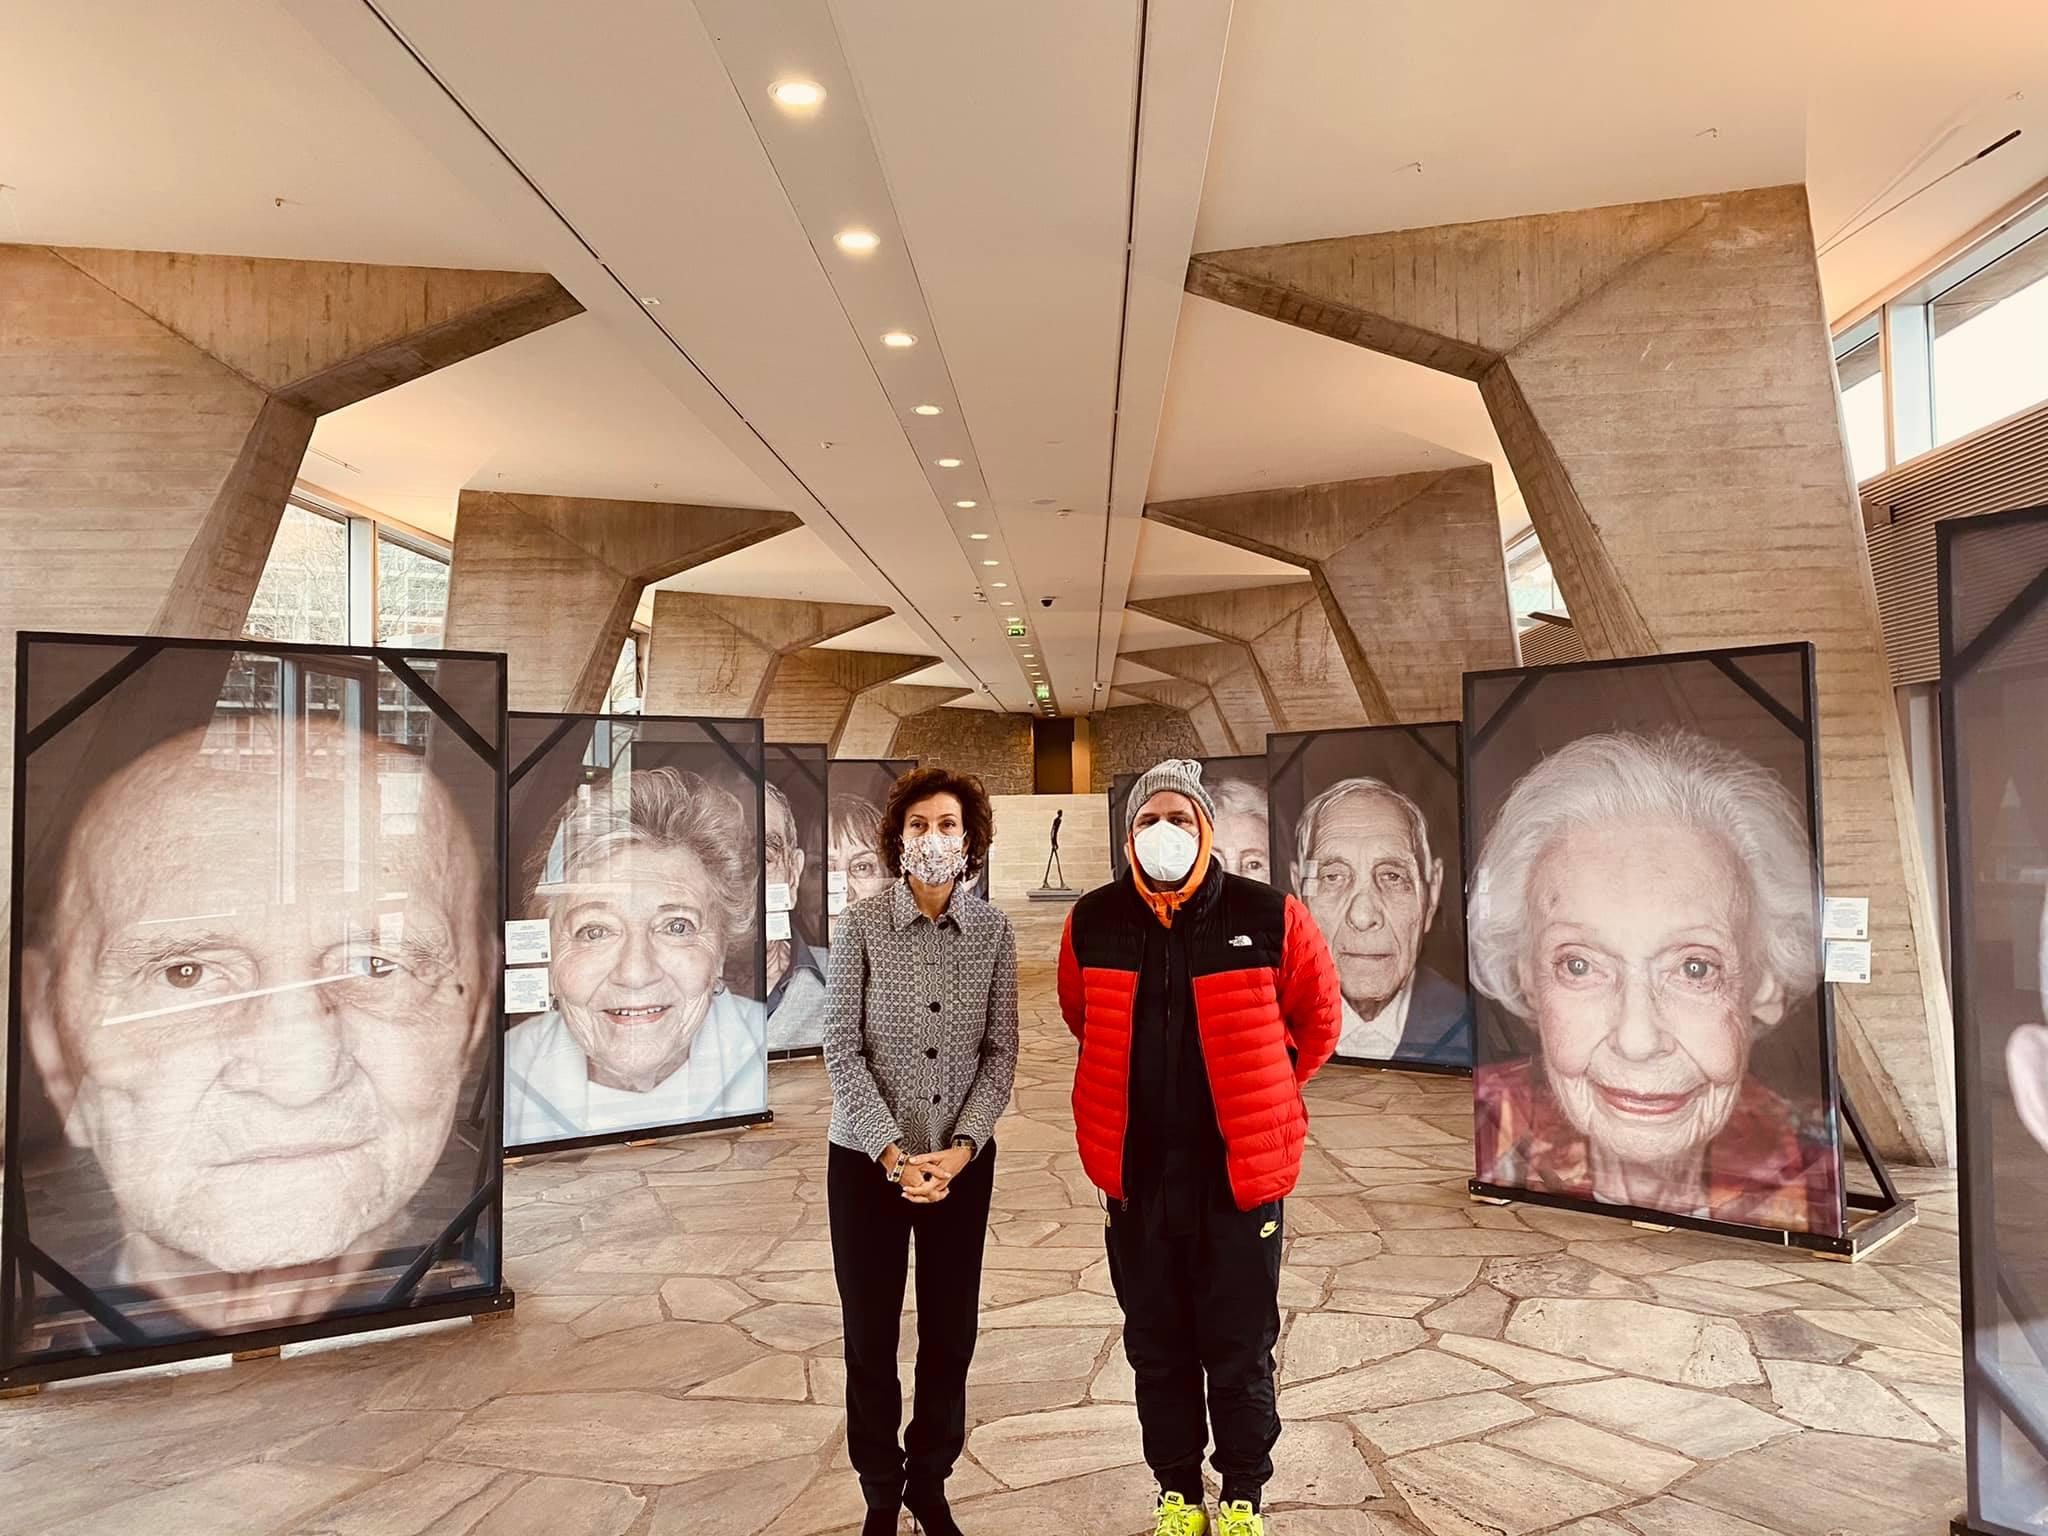 Für Luigi ein bewegender Moment: UNESCO-Generaldirektorin Audrey Azoulay besucht seine Ausstellung in Paris.  (Foto: Luigi Toscano Insatgram)